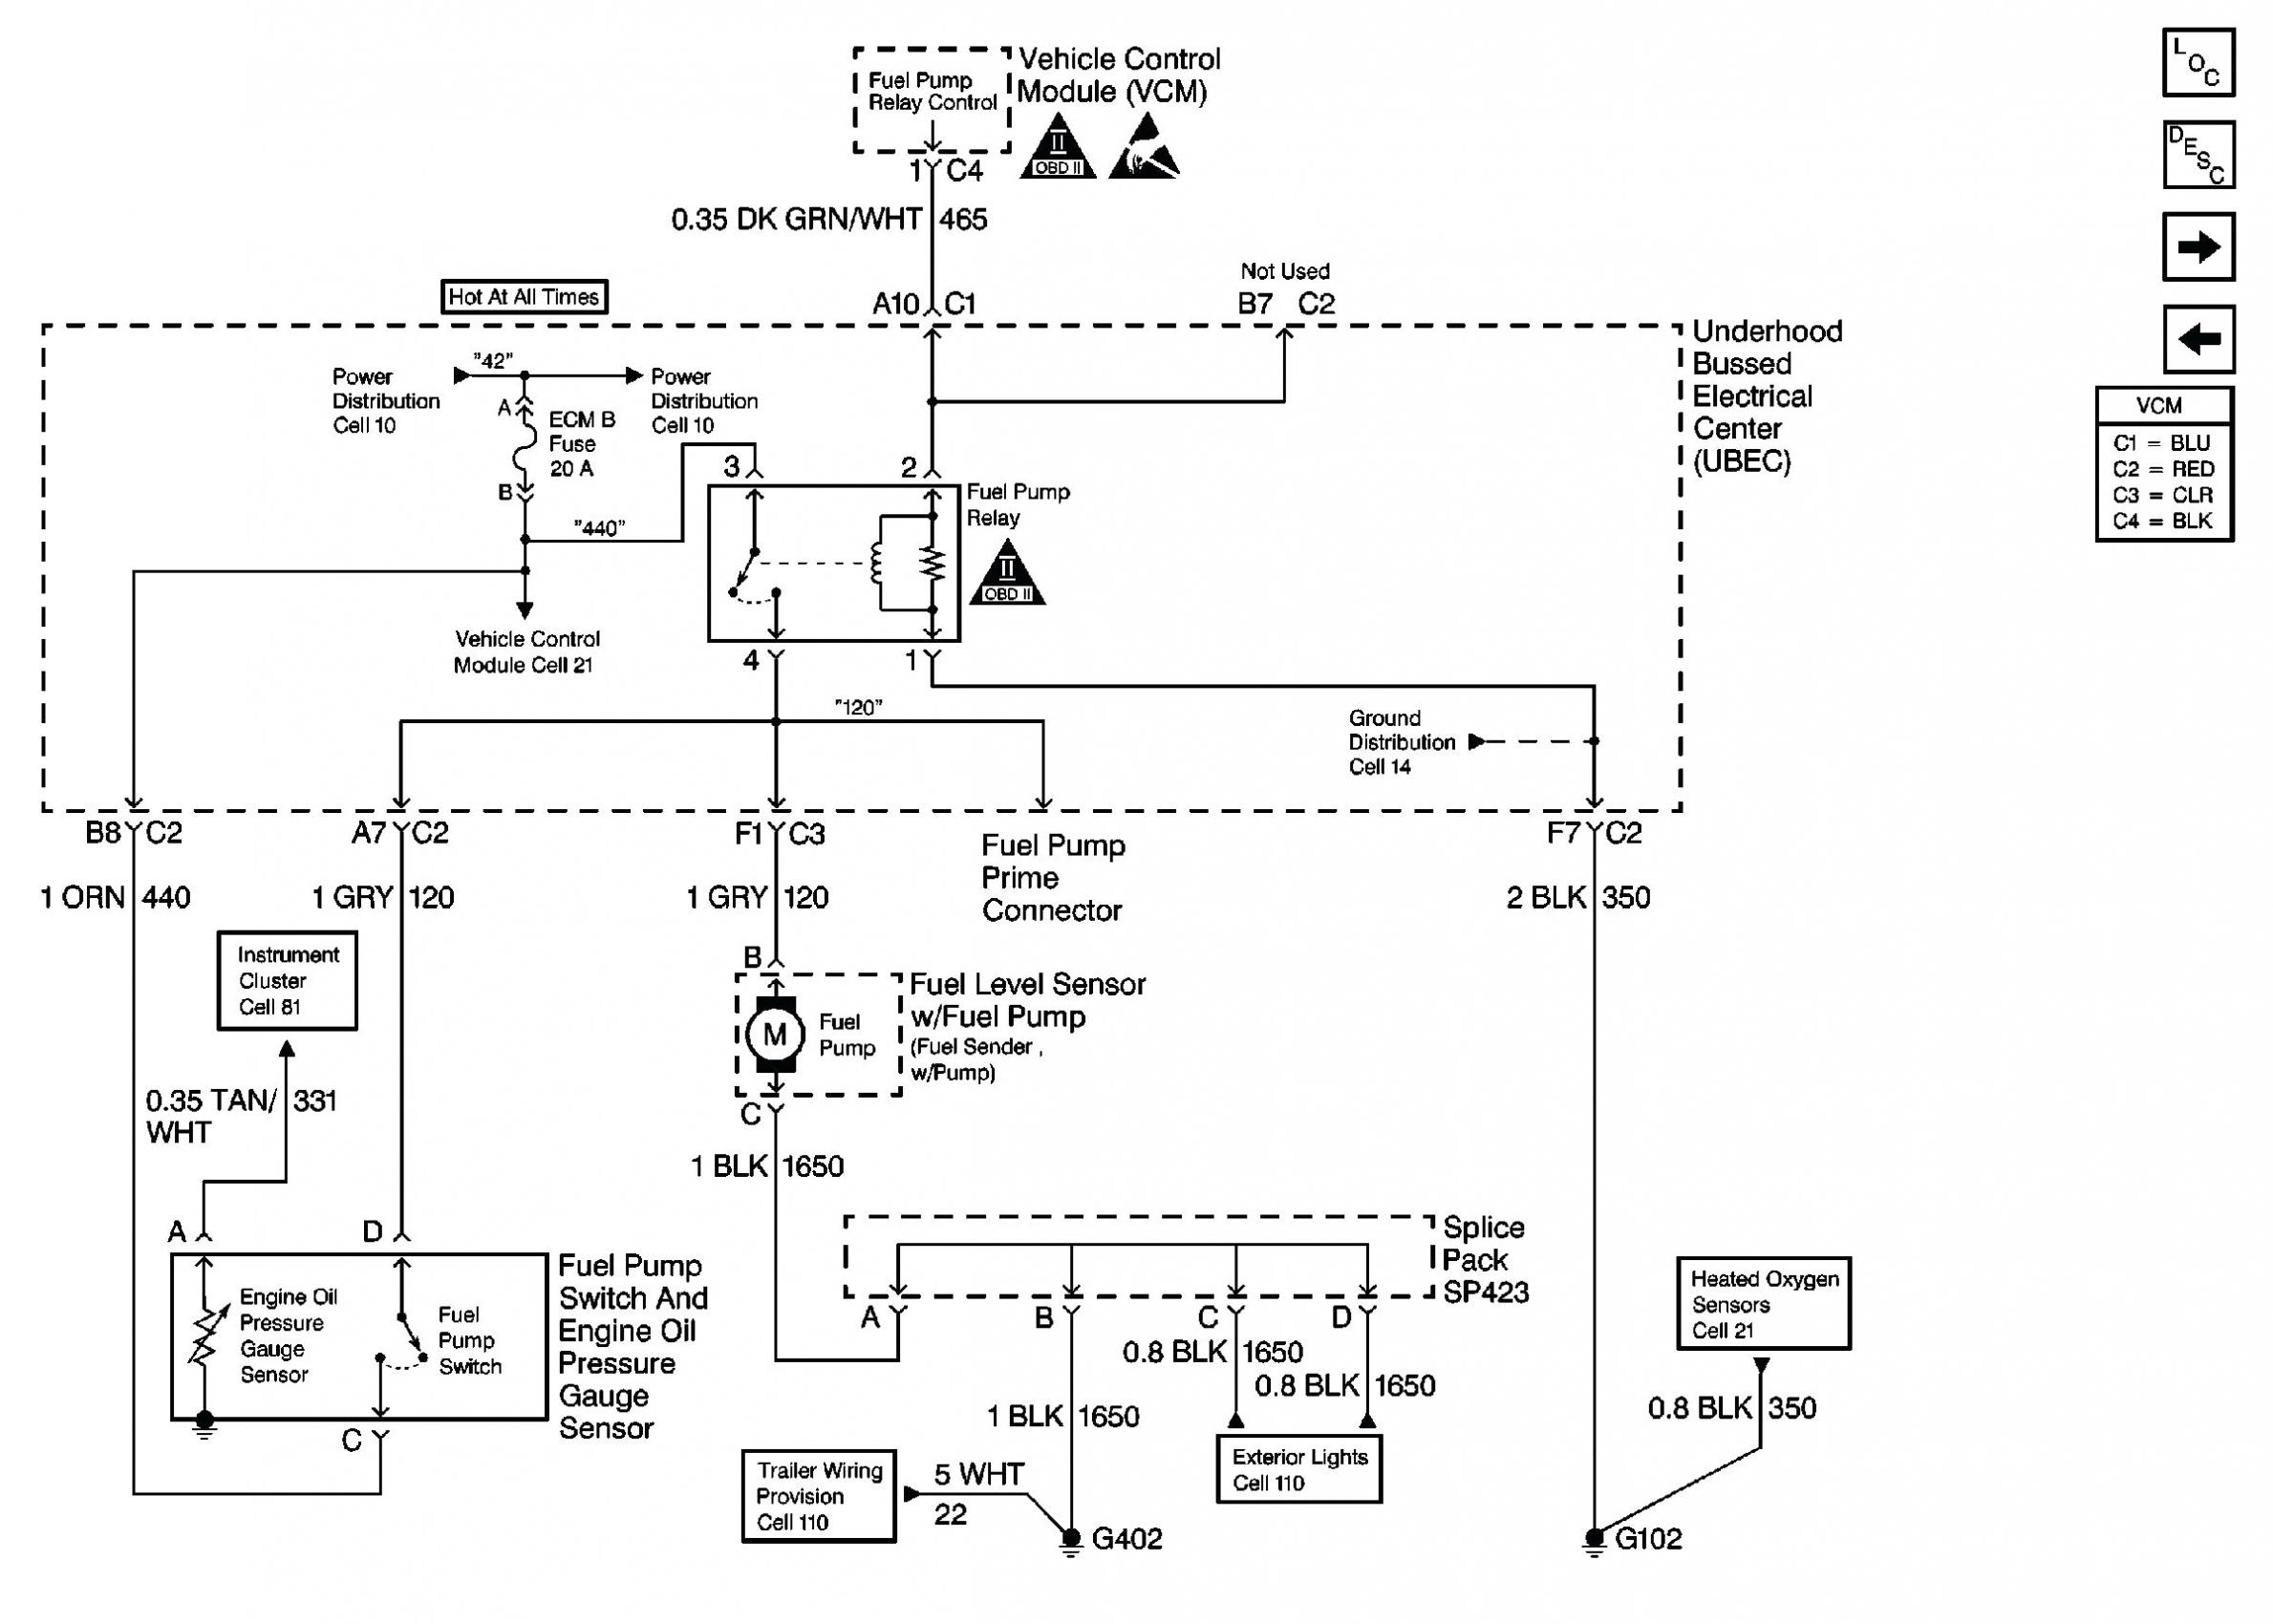 S10 Wiring Diagram Pdf — Daytonva150 - S10 Wiring Diagram Pdf